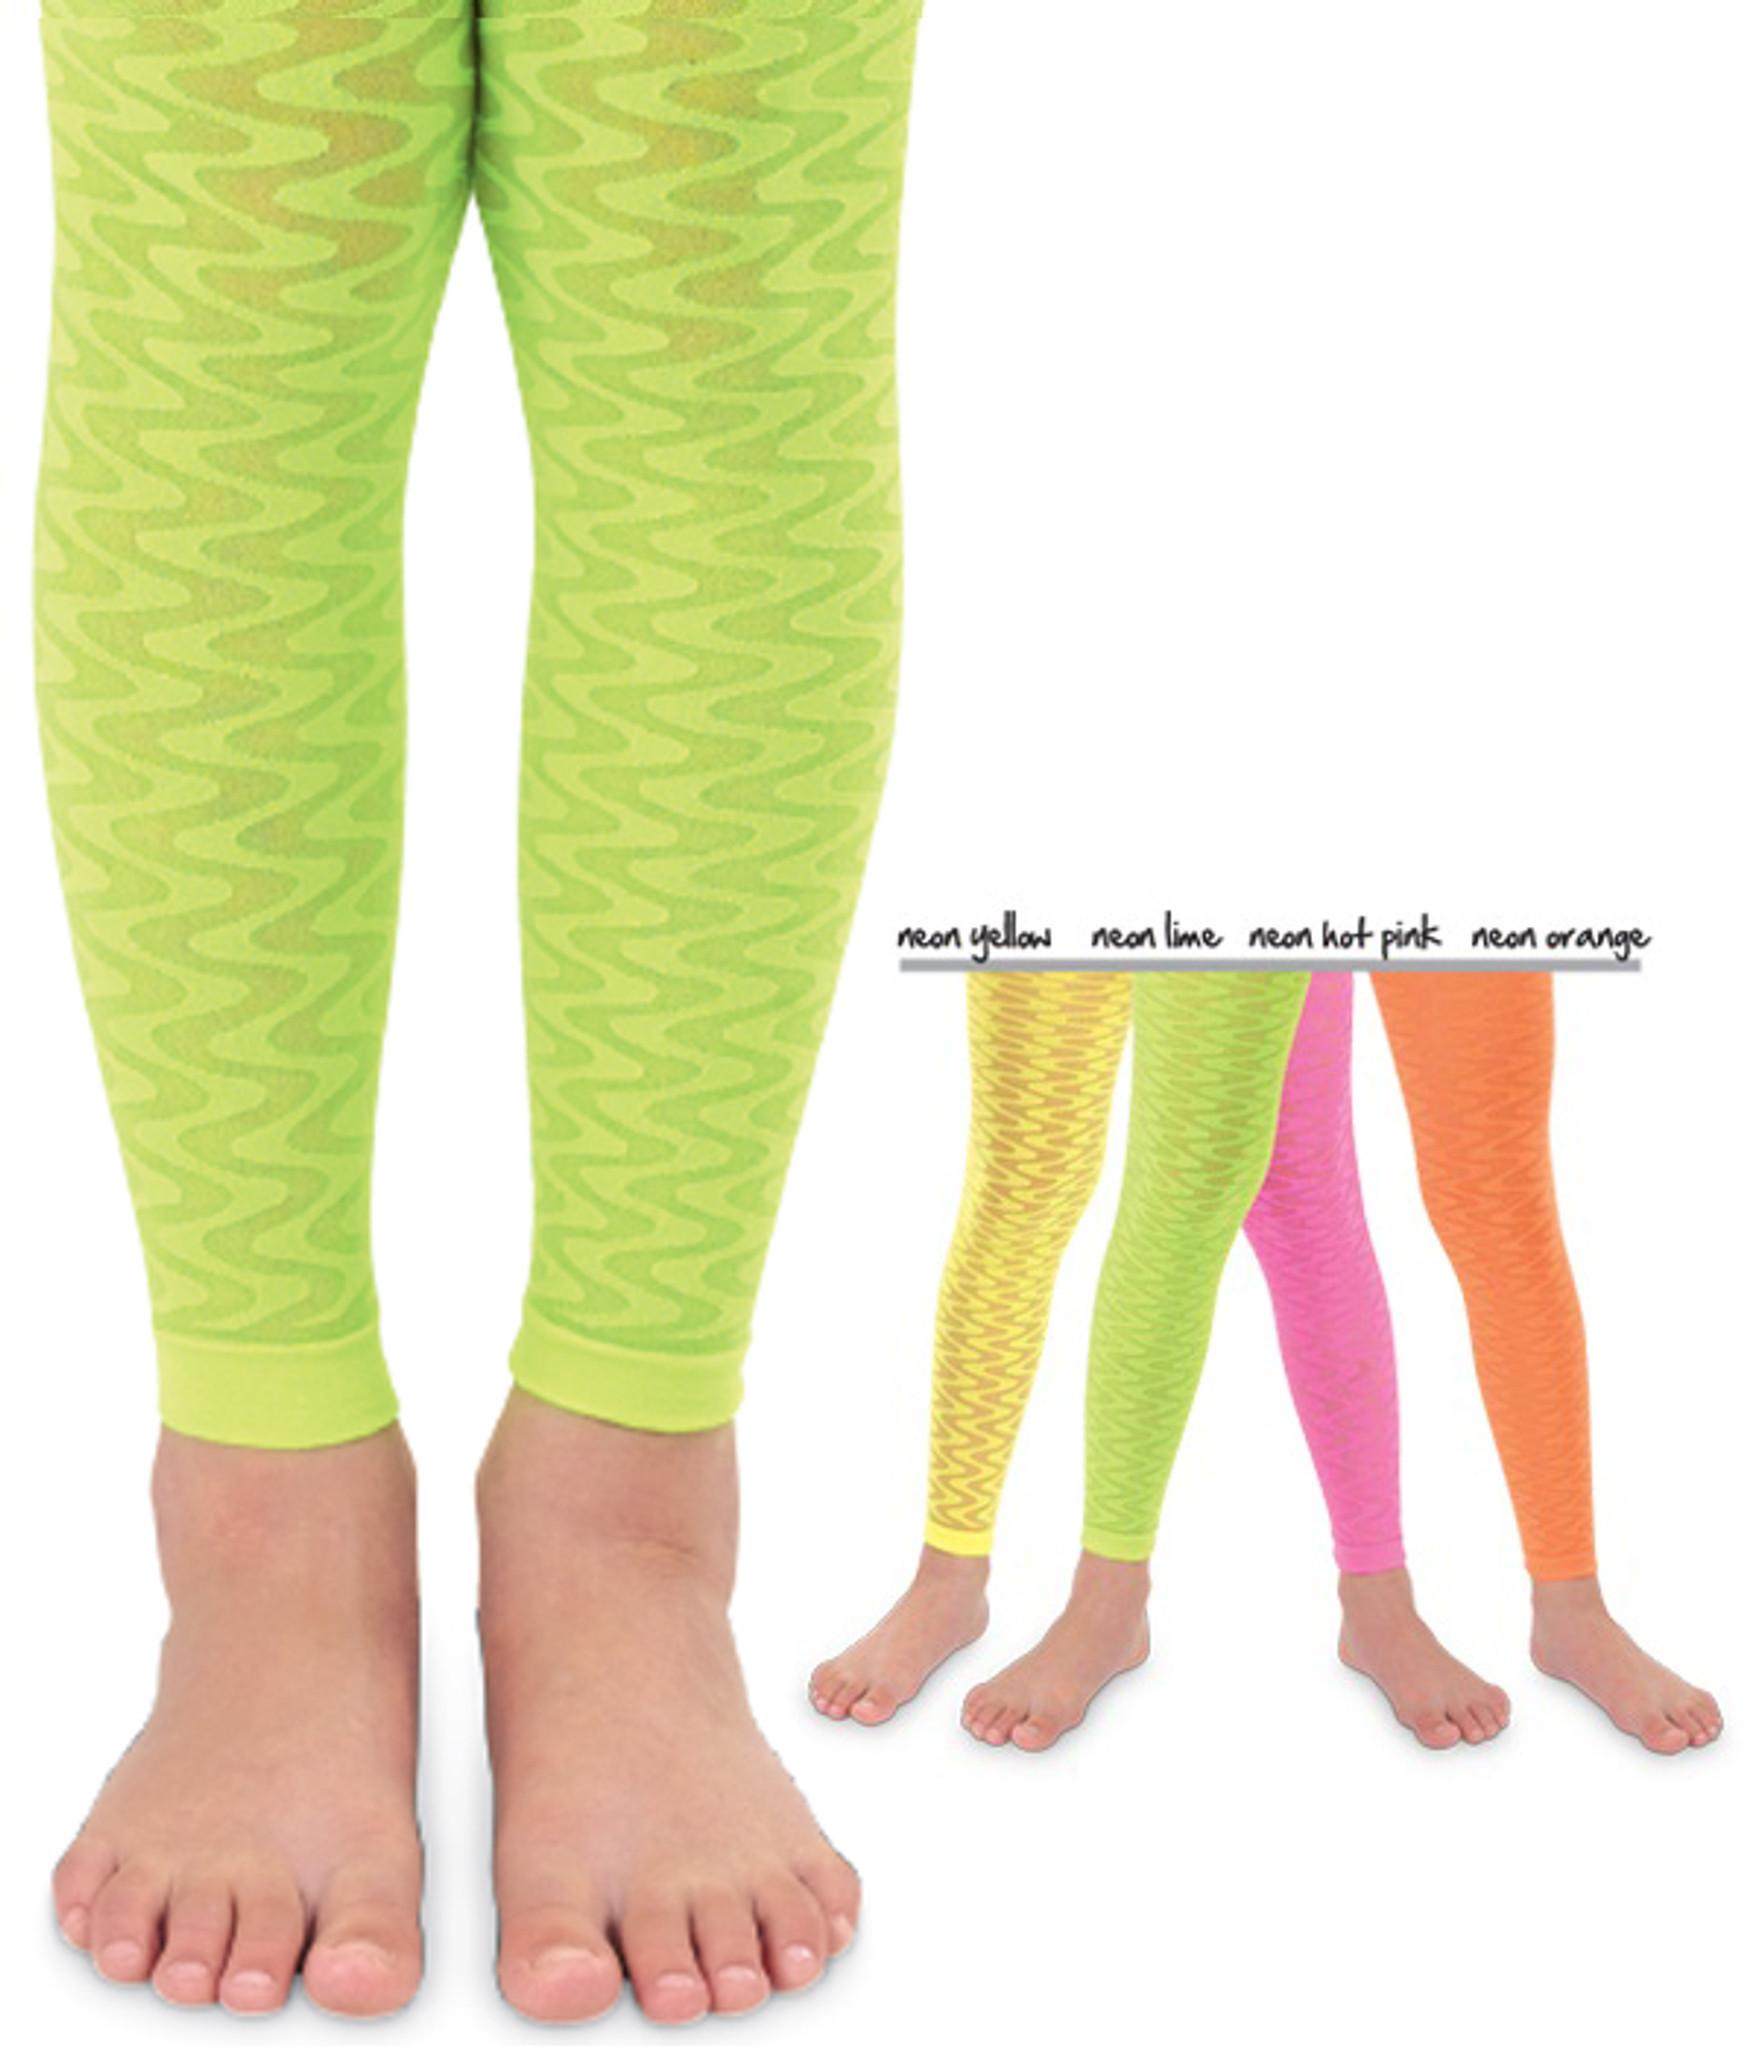 b38b08f89d Wave Kids Leggings, Footless Tights, Neon Tights, Neon Leggings ...